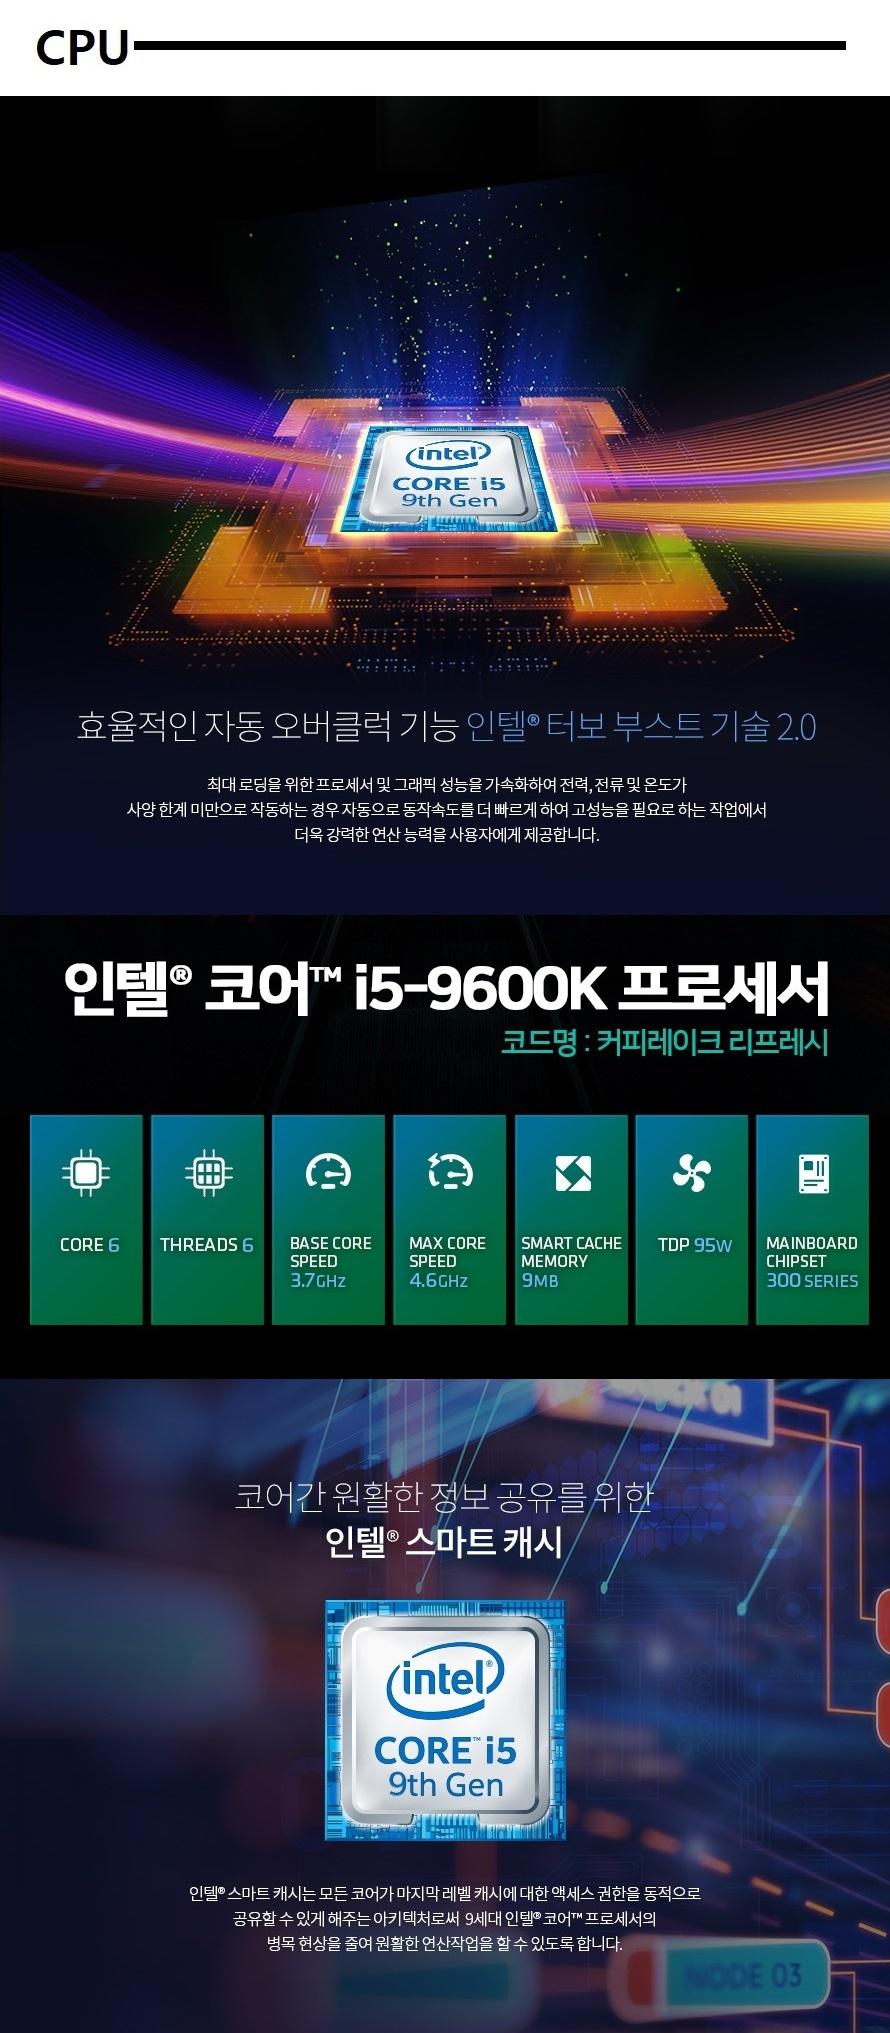 [인텔] 커피레이크-R i5-9600K [3.7GHz/6C6T] 터보4.6GHz 정품